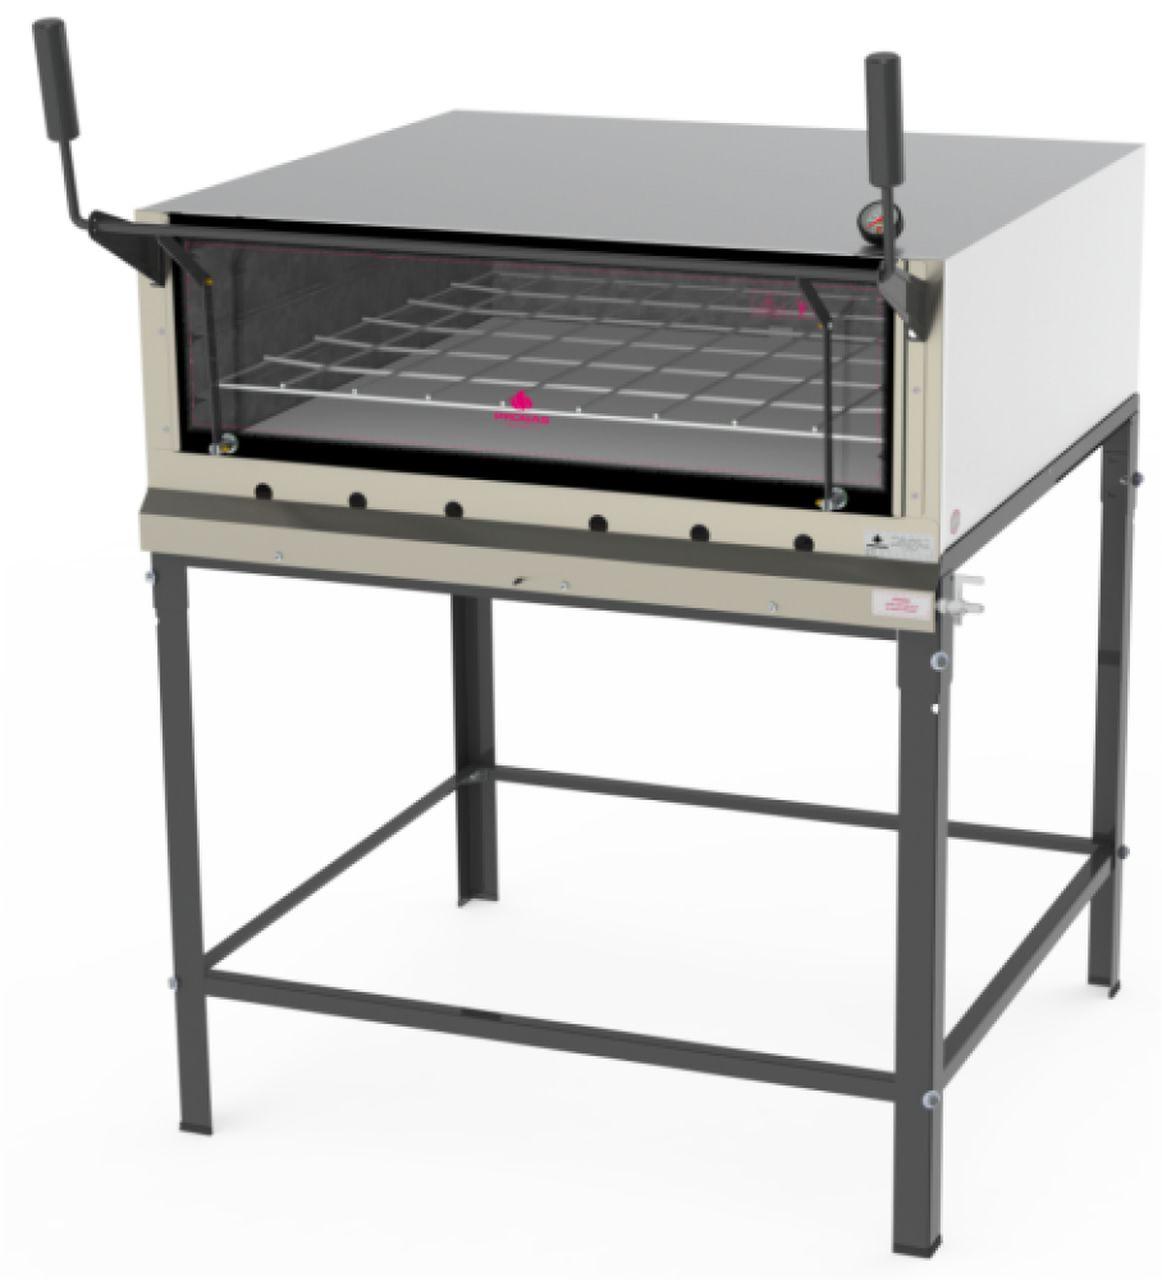 Forno de Lastro Industrial Progás 210 Litros 90x90 - PRP-900